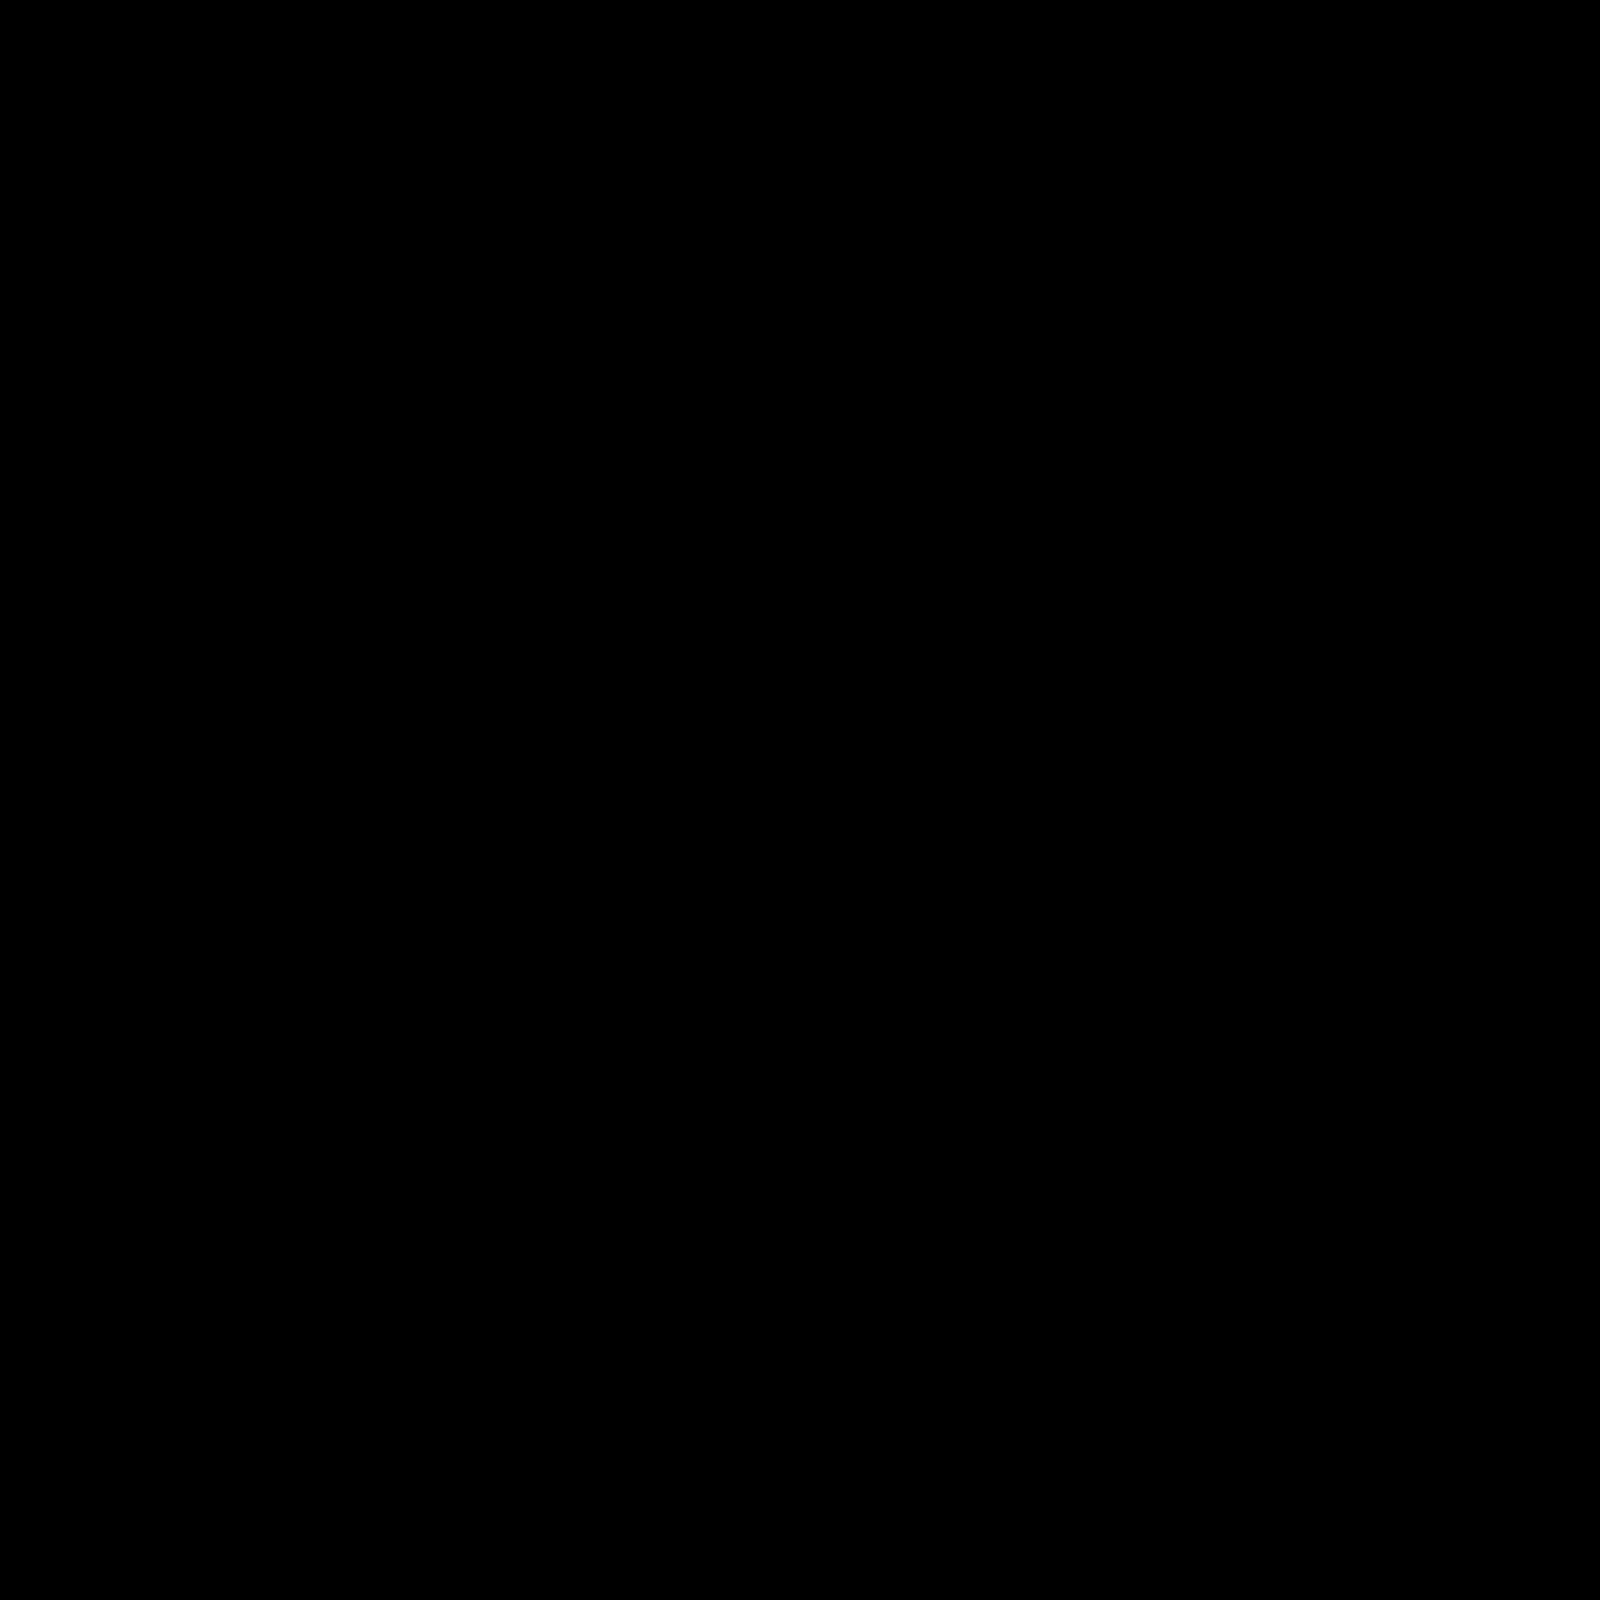 Drzwi samochodowe icon